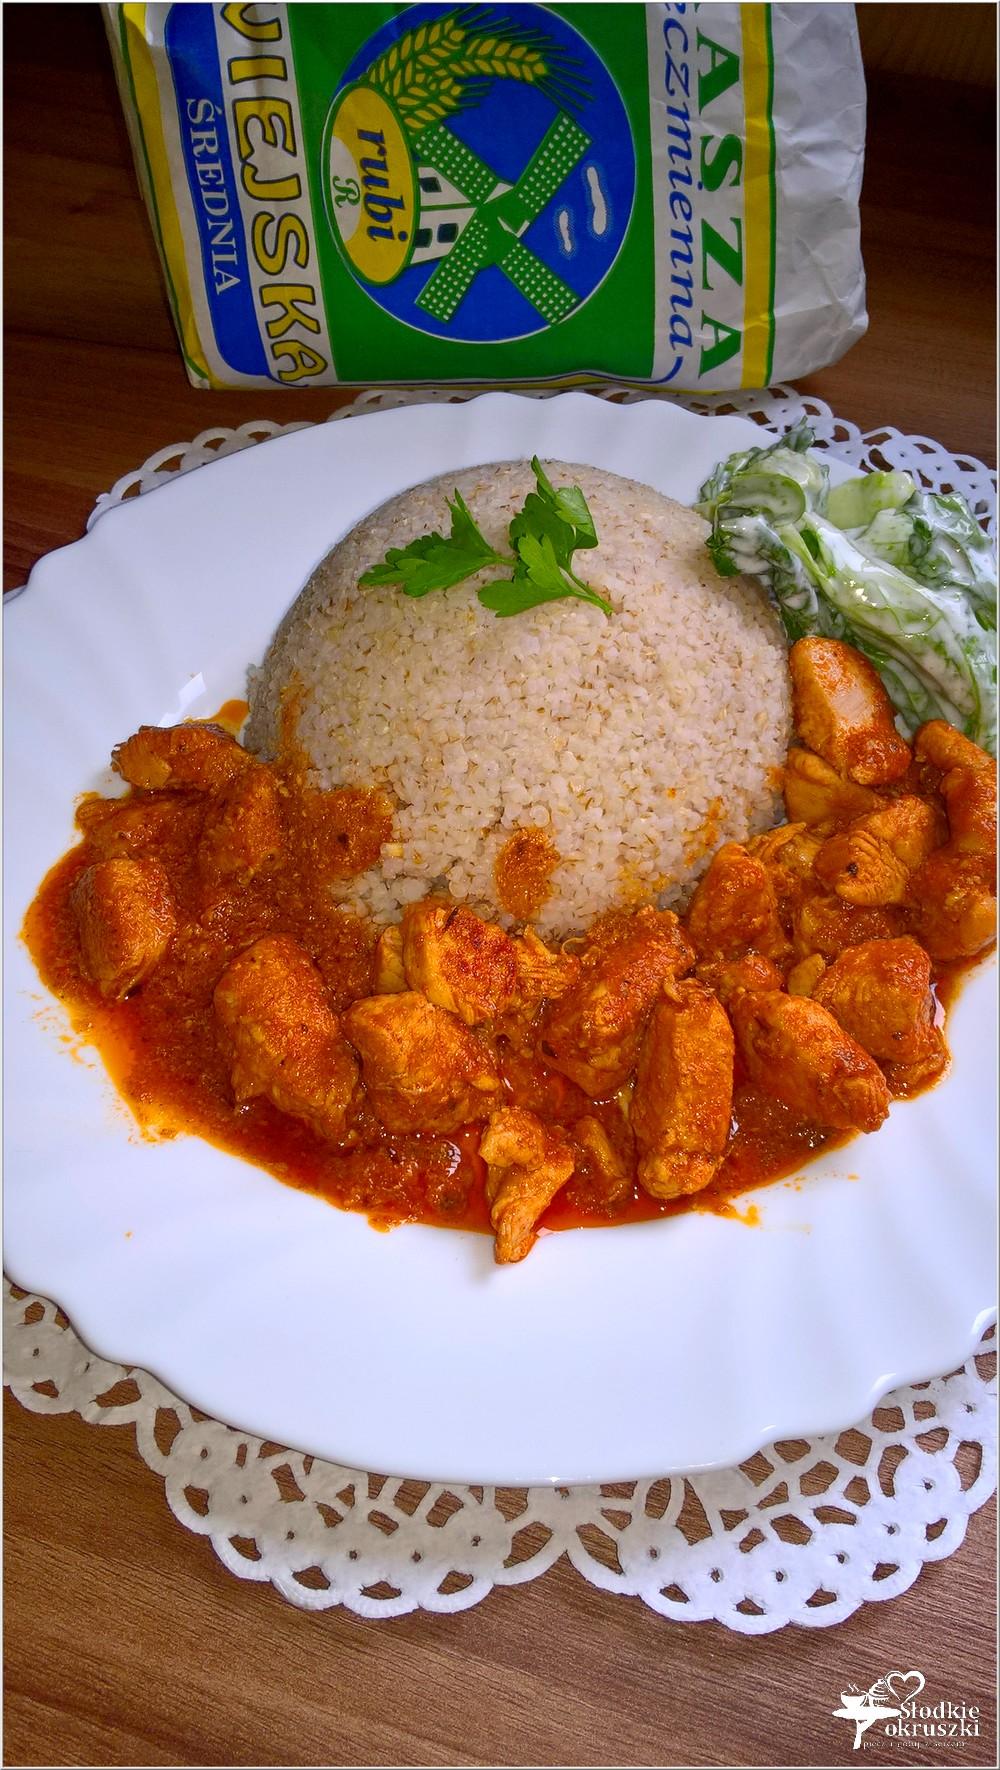 Piersi z kurczaka w pomidorowym sosie podane z kaszą jęczmienną (3)